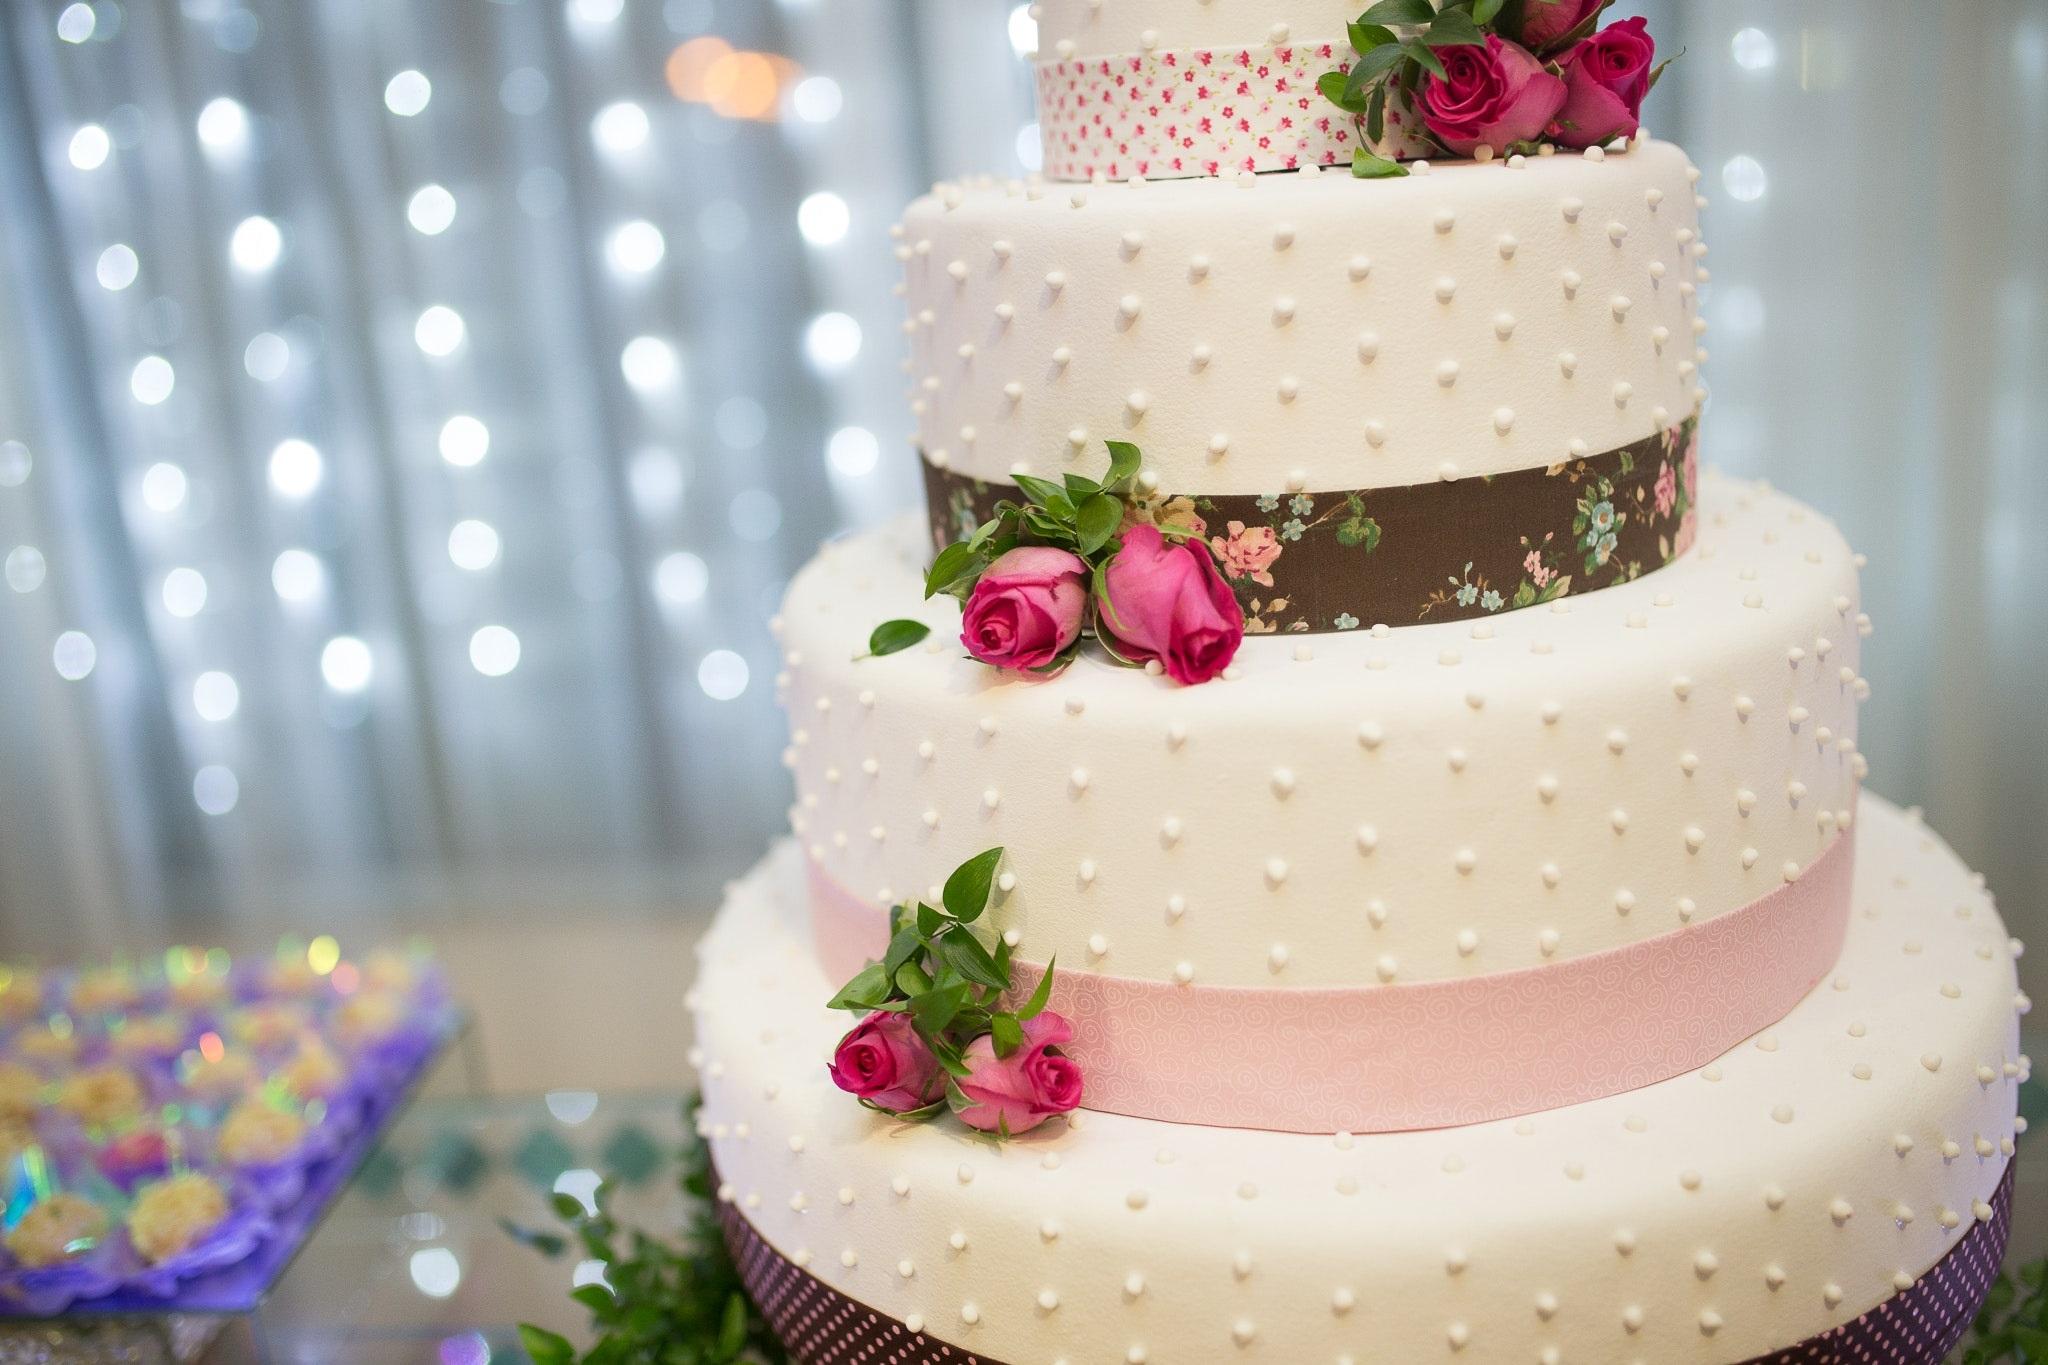 Idee Per Decorare Una Torta torte per la cresima, le creazioni più belle per un giorno